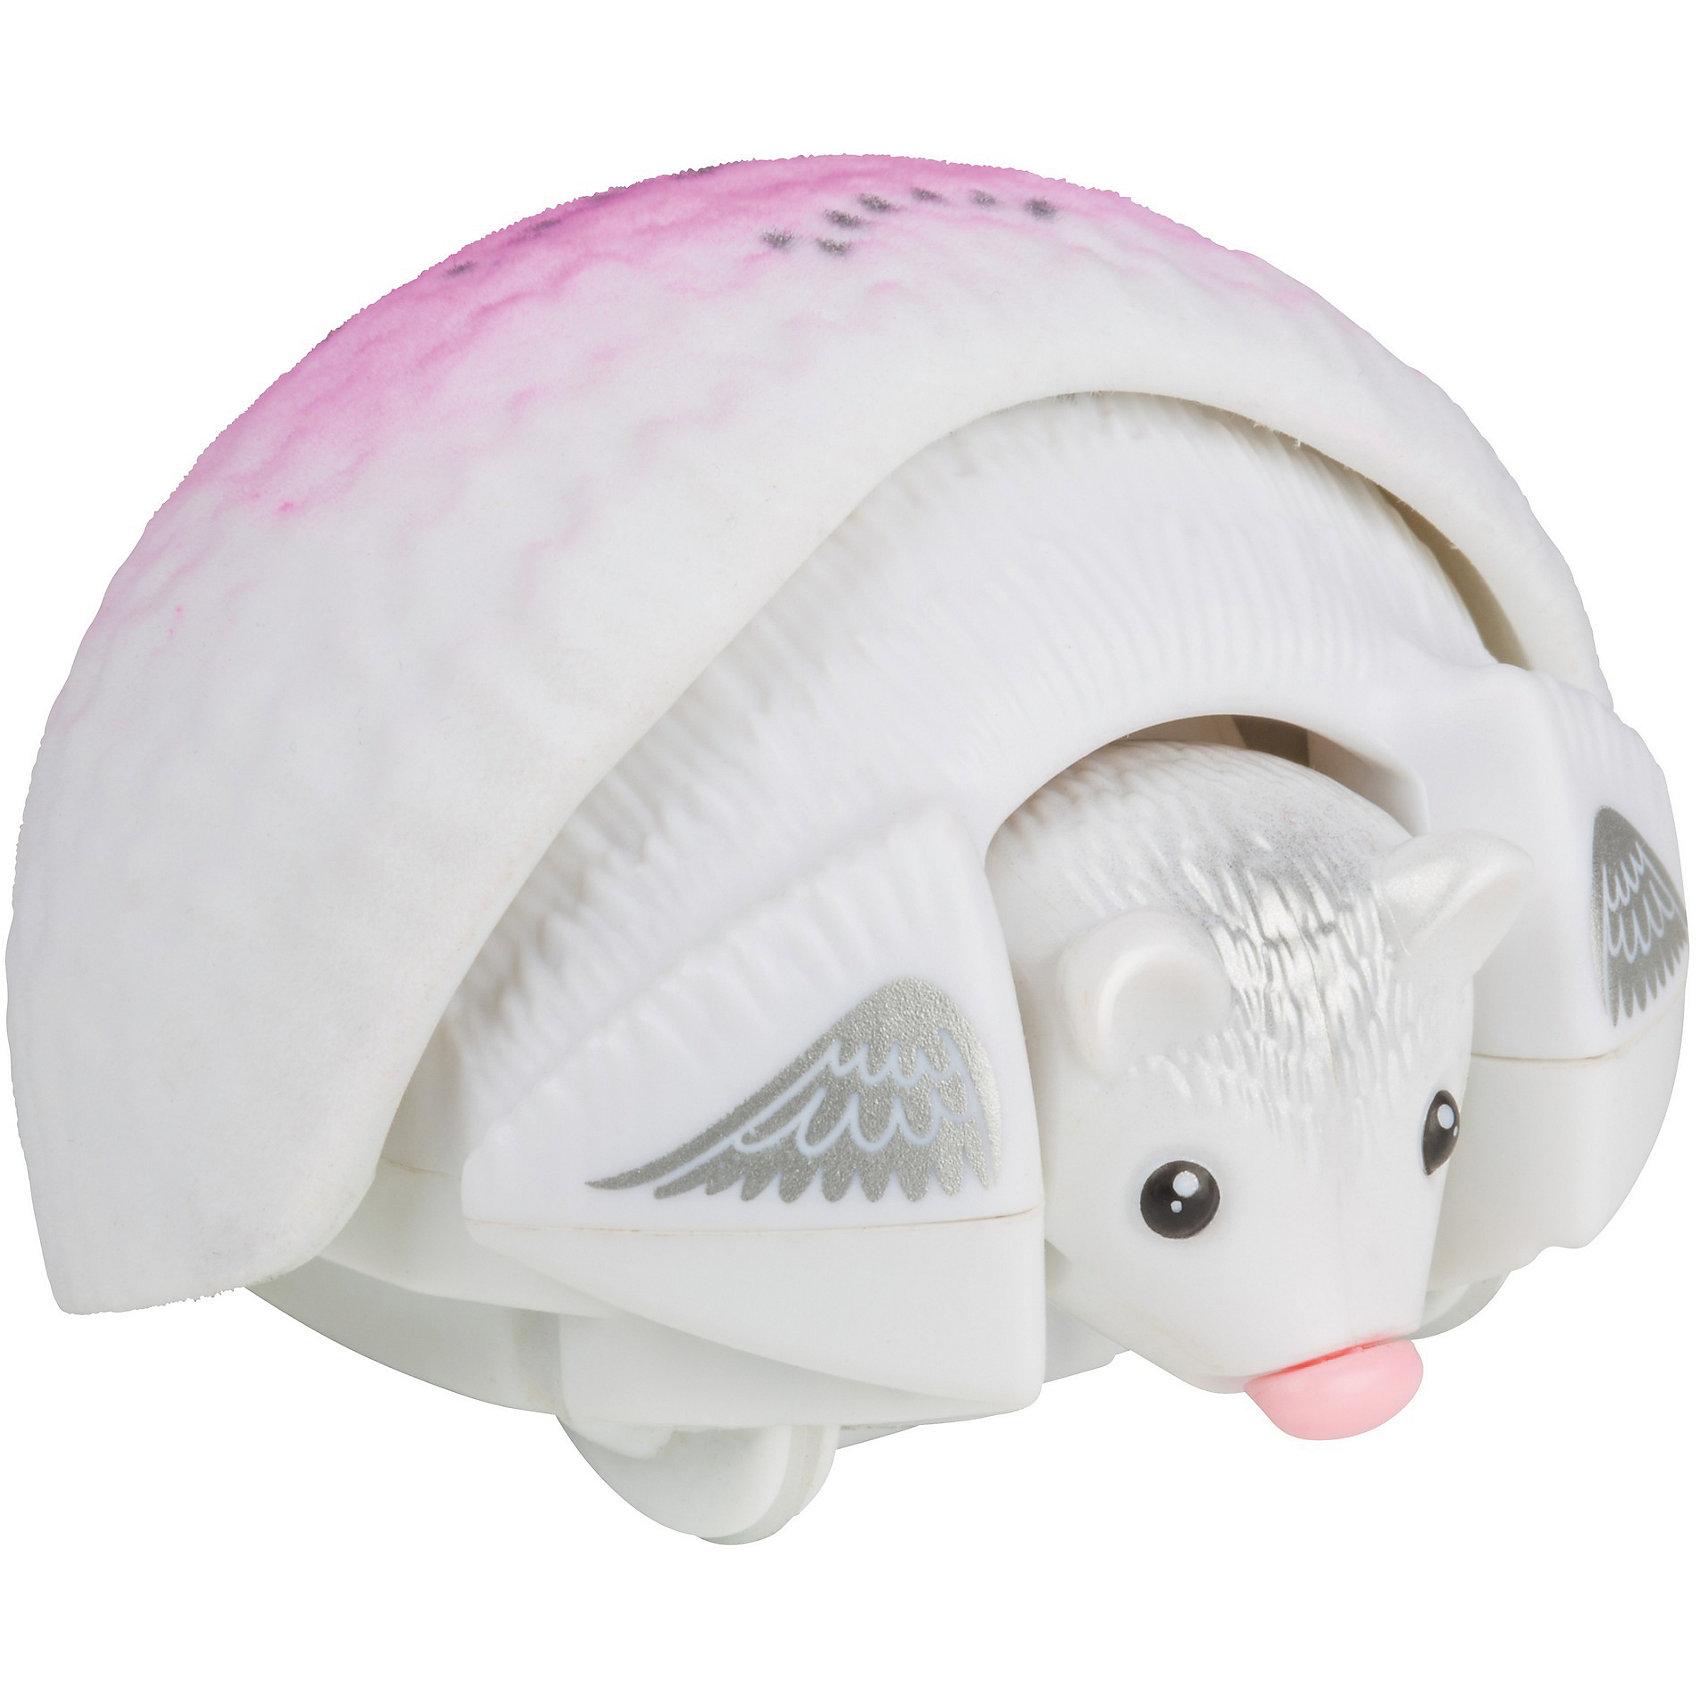 Интерактивный ежик Pinny, Little Live Pets, MooseИнтерактивные животные<br>Характеристики товара:<br><br>• возраст от 5 лет;<br>• материал: пластик;<br>• работает от 3 батареек АG13 (в комплекте);<br>• размер упаковки 22х16х6,7 см;<br>• вес упаковки 155 гр.;<br>• страна производитель: Китай.<br><br>Интерактивный ежик «Pinny» Little Live Pets Moose — забавный ежик с большим панцирем, украшенным узорами. Благодаря колесикам ежик перемещается по поверхности. Во время движения при столкновении с препятствием ежик попятится назад и свернется в клубок. После игры ежик засыпает и прячет мордочку.<br><br>Интерактивного ежика «Pinny» Little Live Pets Moose можно приобрести в нашем интернет-магазине.<br><br>Ширина мм: 67<br>Глубина мм: 160<br>Высота мм: 220<br>Вес г: 155<br>Возраст от месяцев: 60<br>Возраст до месяцев: 2147483647<br>Пол: Женский<br>Возраст: Детский<br>SKU: 5612006